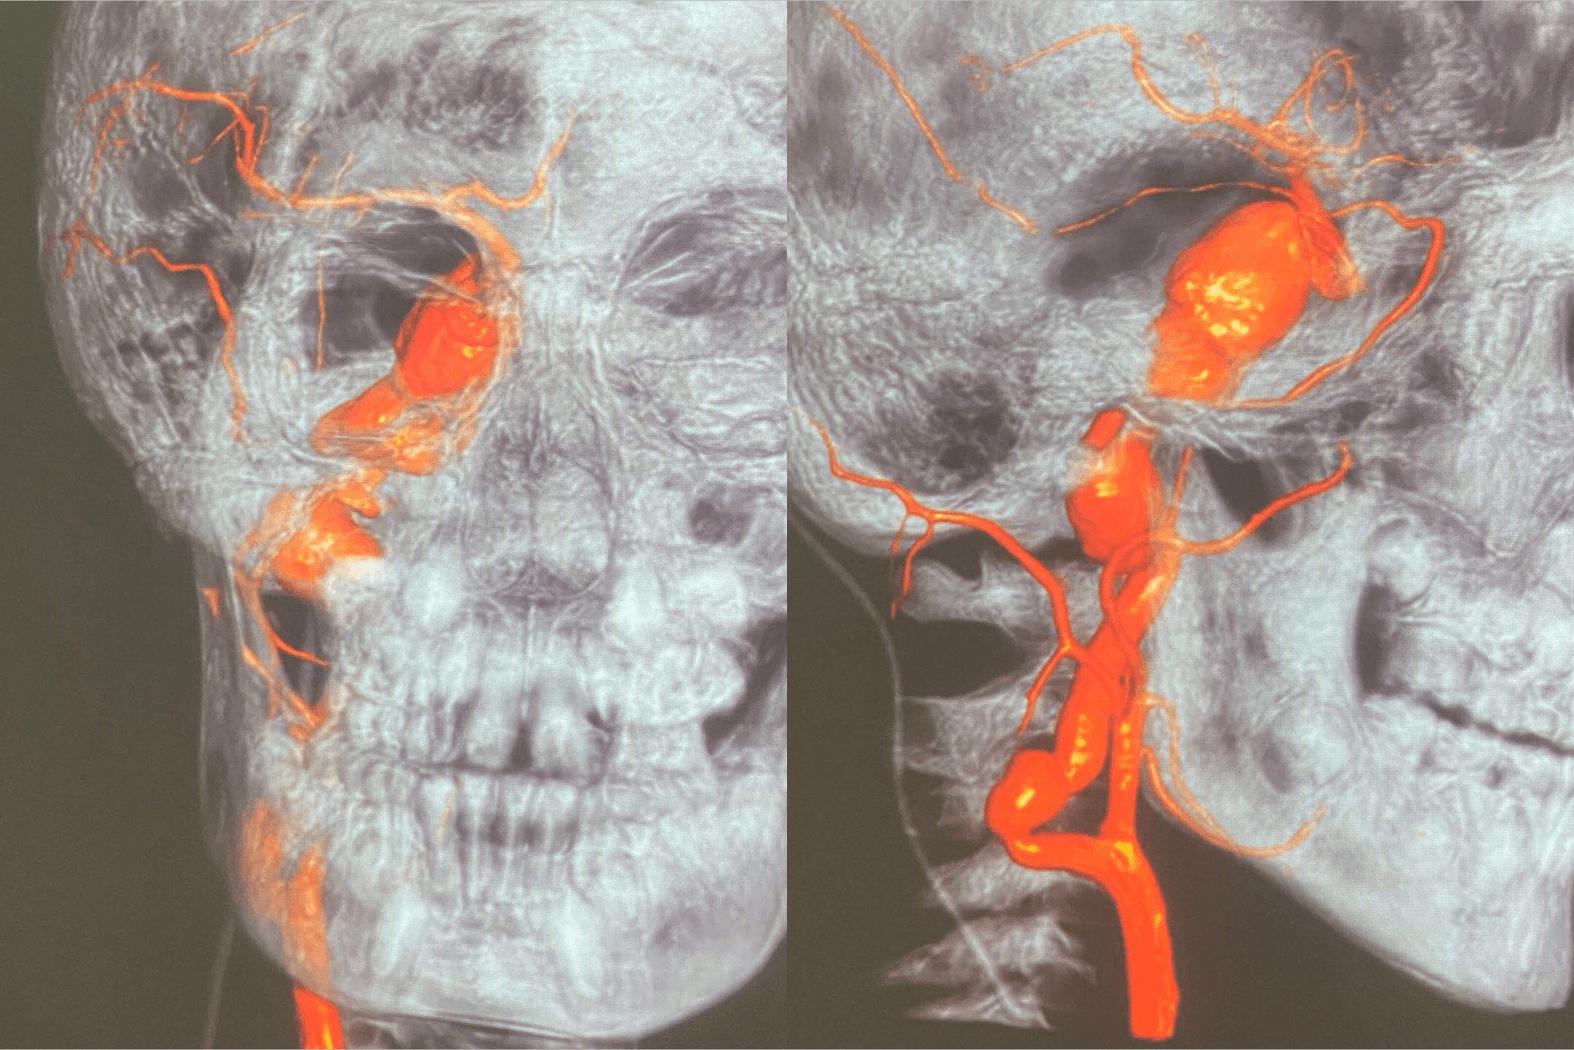 脑动脉瘤一般能活几年